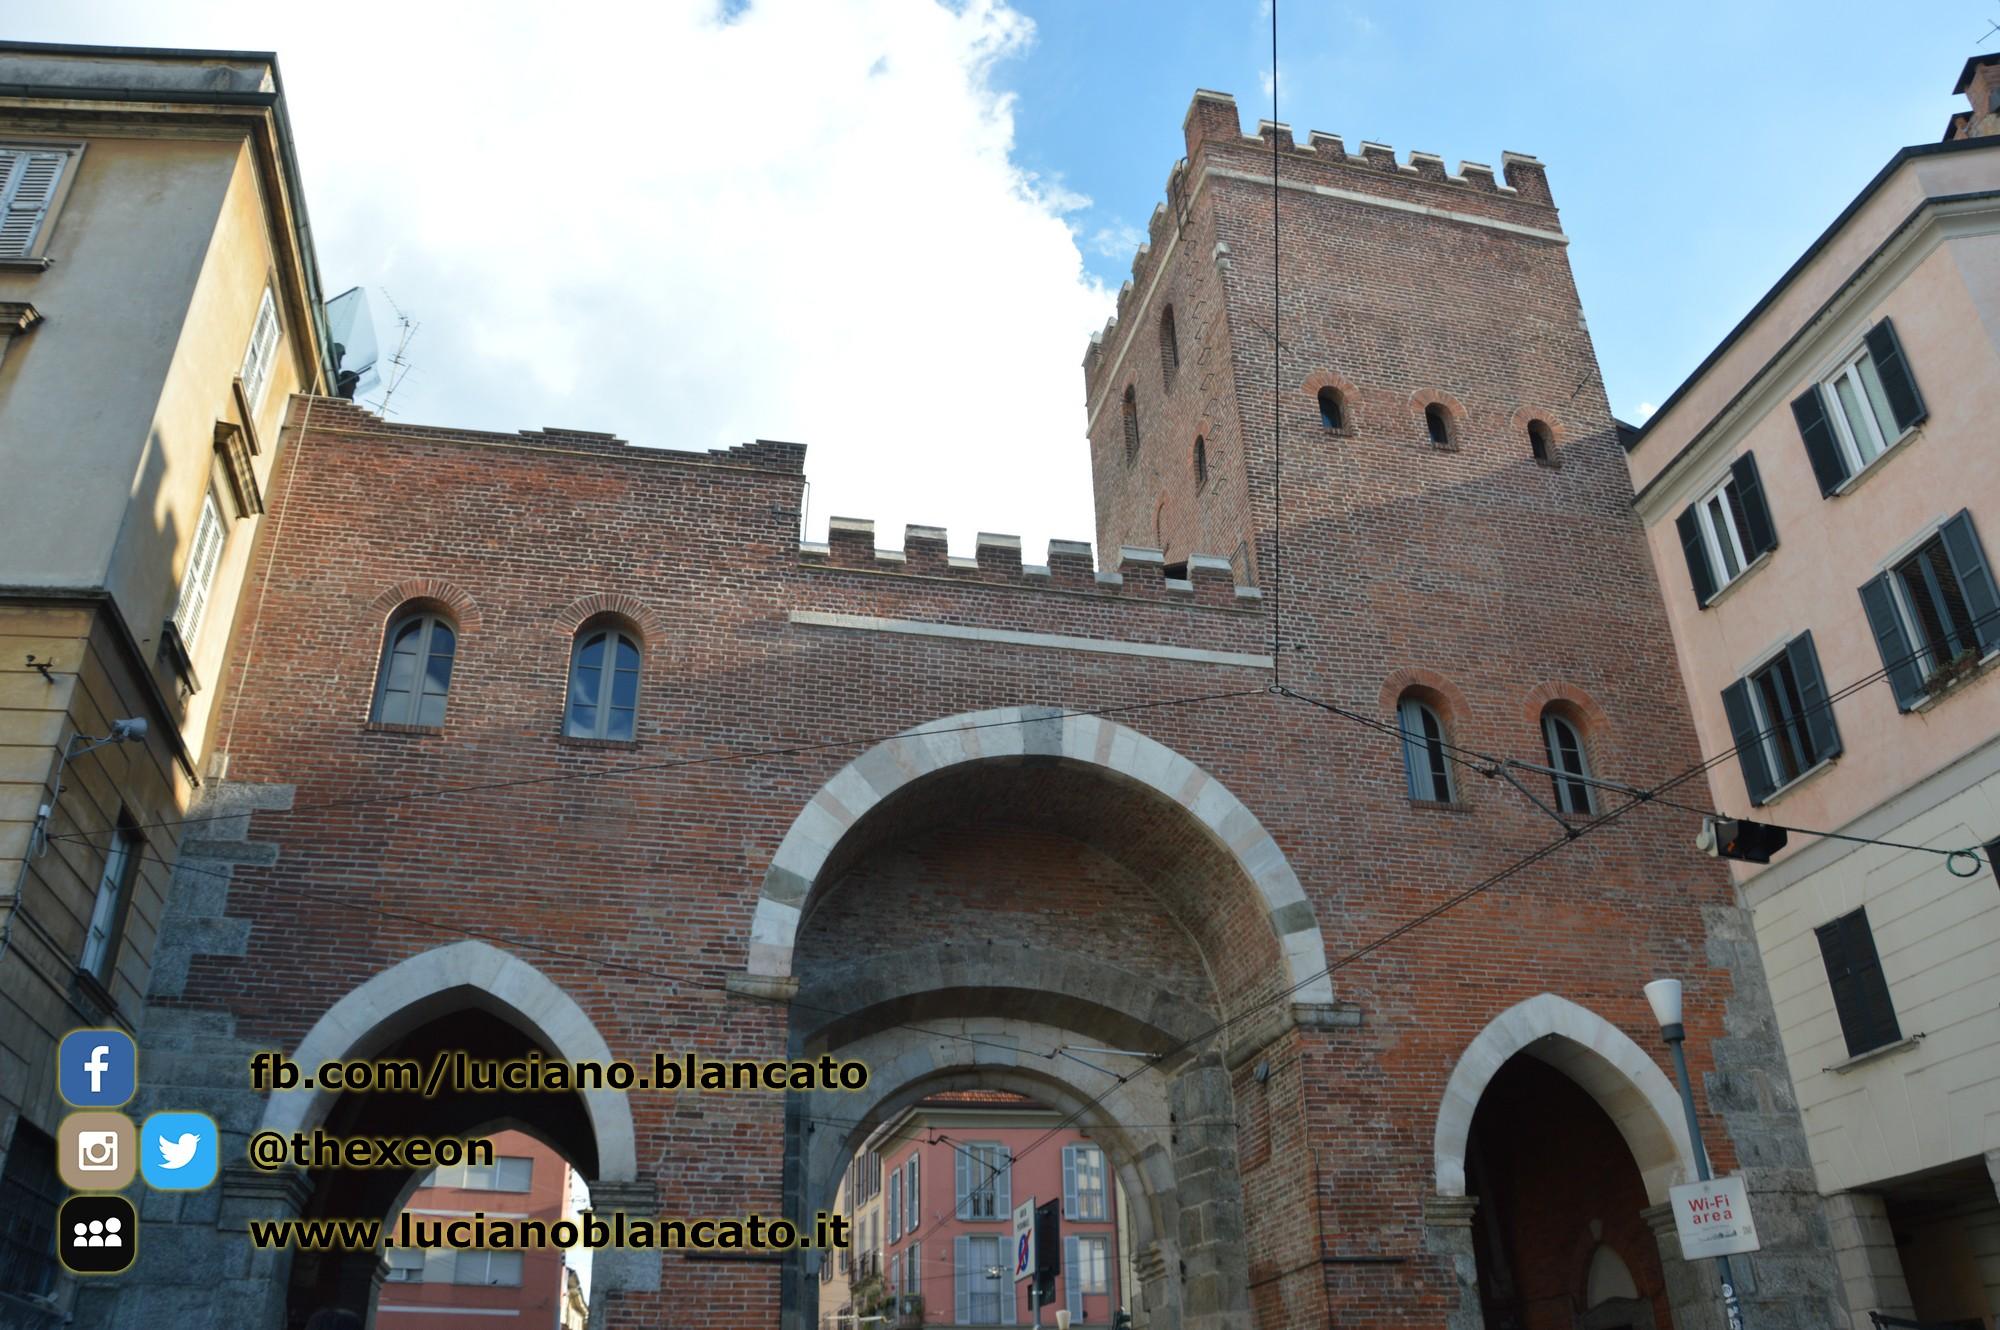 Milano - Porta ticinese antica